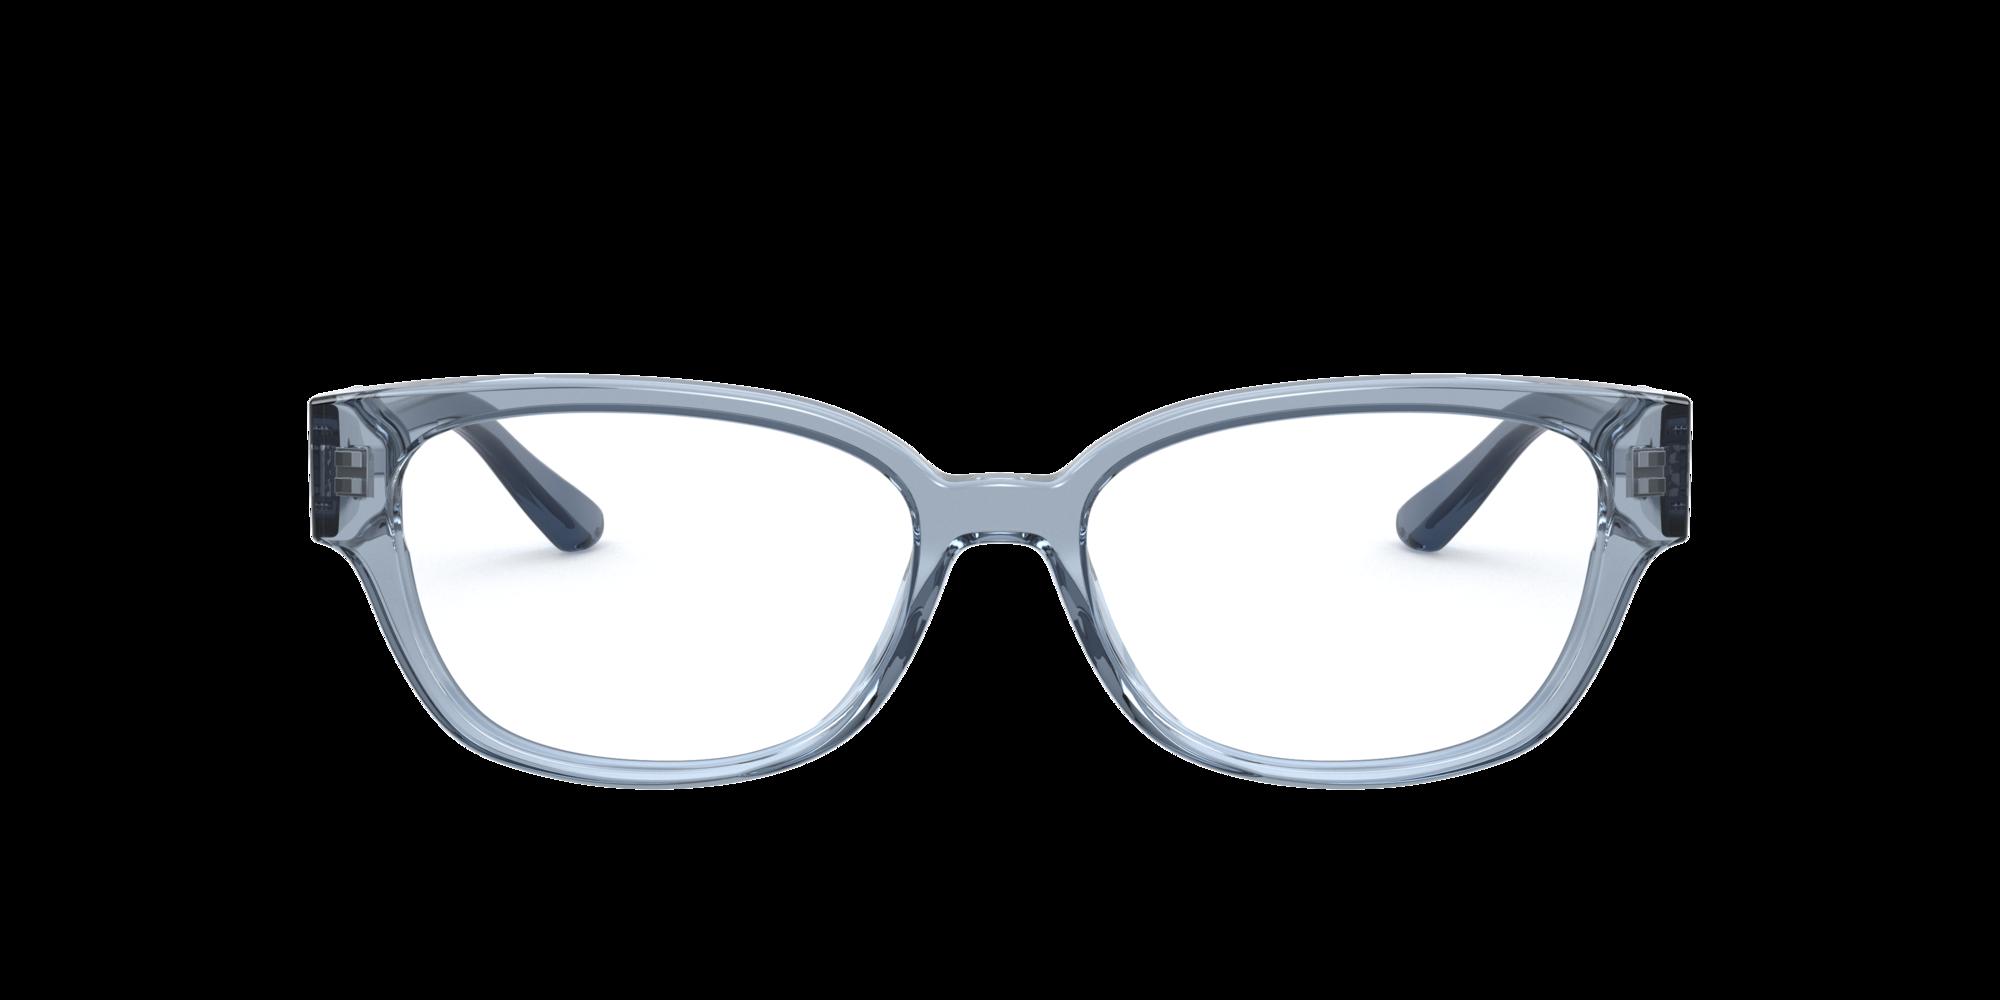 Imagen para MK4072 PADUA de LensCrafters |  Espejuelos, espejuelos graduados en línea, gafas